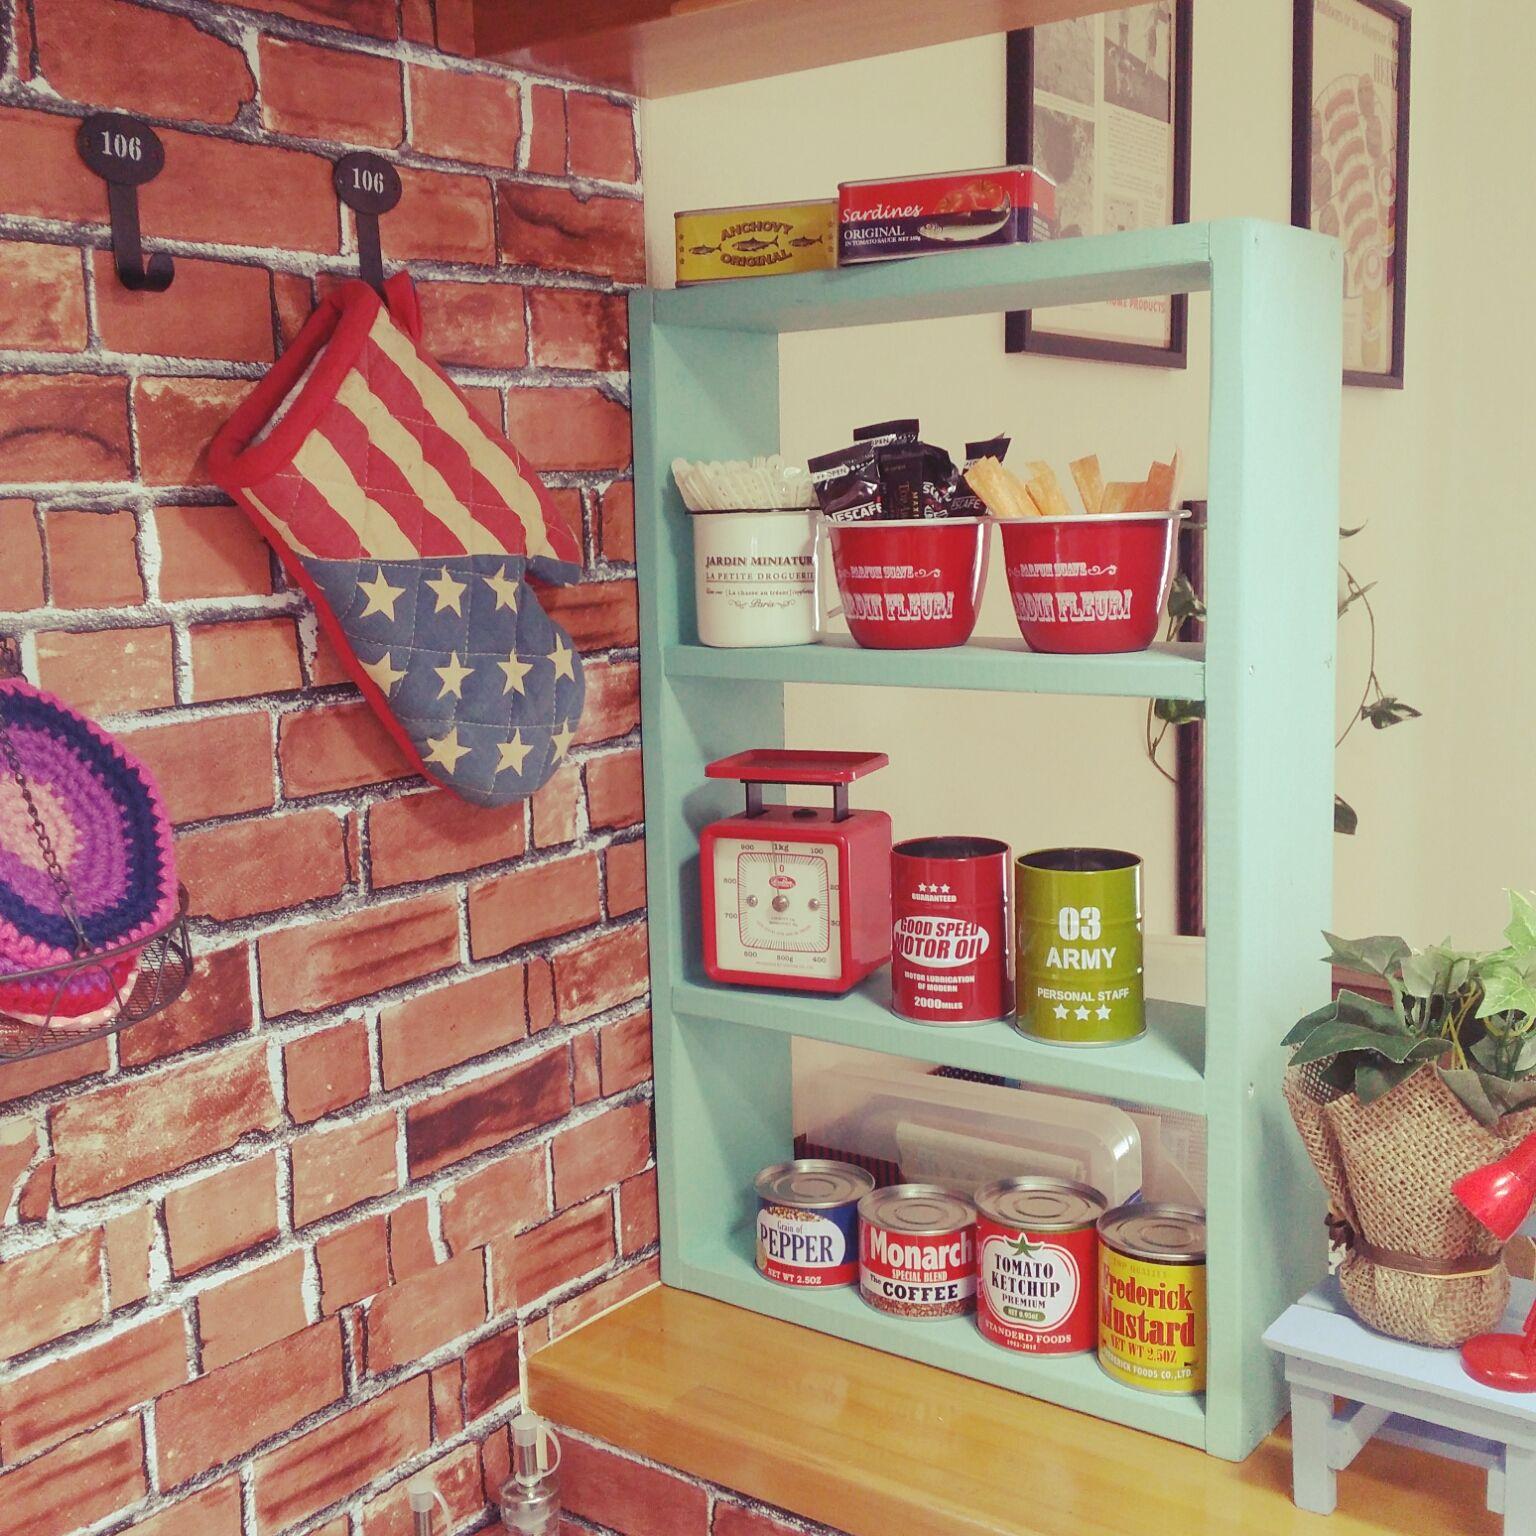 キッチン セリア ダイソー 缶好き アメリカン などのインテリア実例 16 03 10 14 26 31 Roomclip ルームクリップ インテリア 西海岸 インテリア トイレ インテリア アメリカン